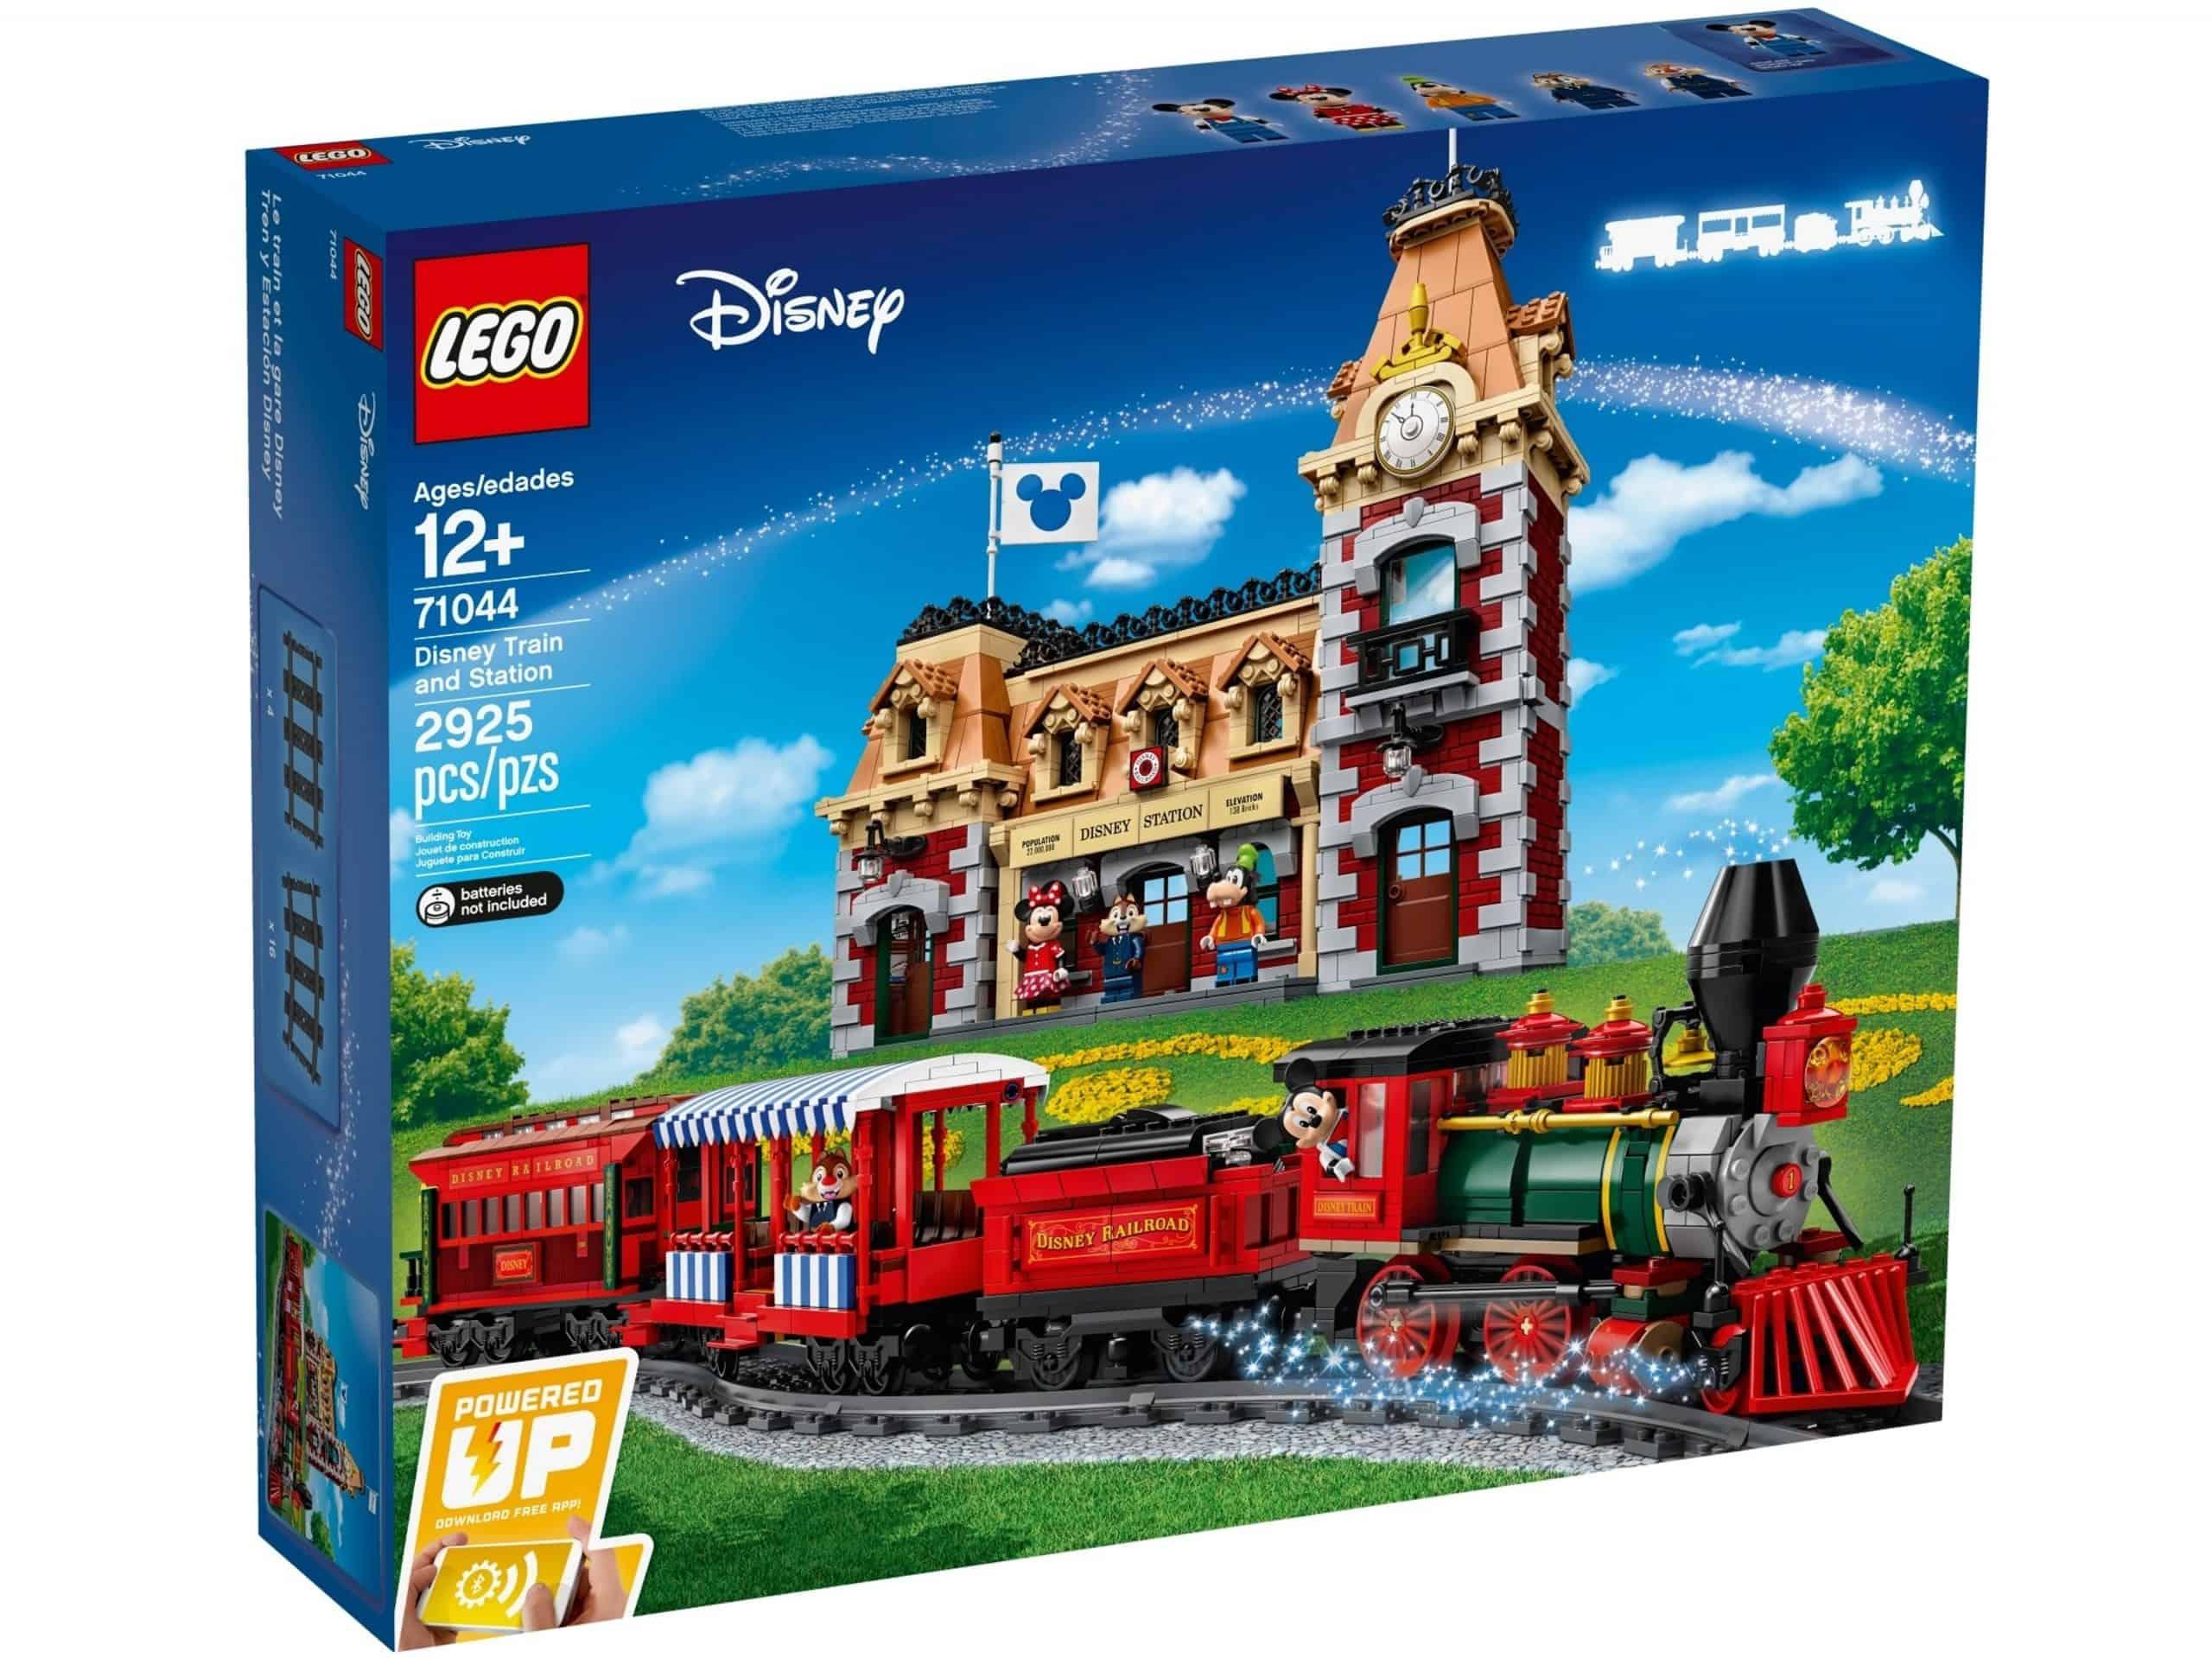 lego 71044 le train et la gare disney scaled